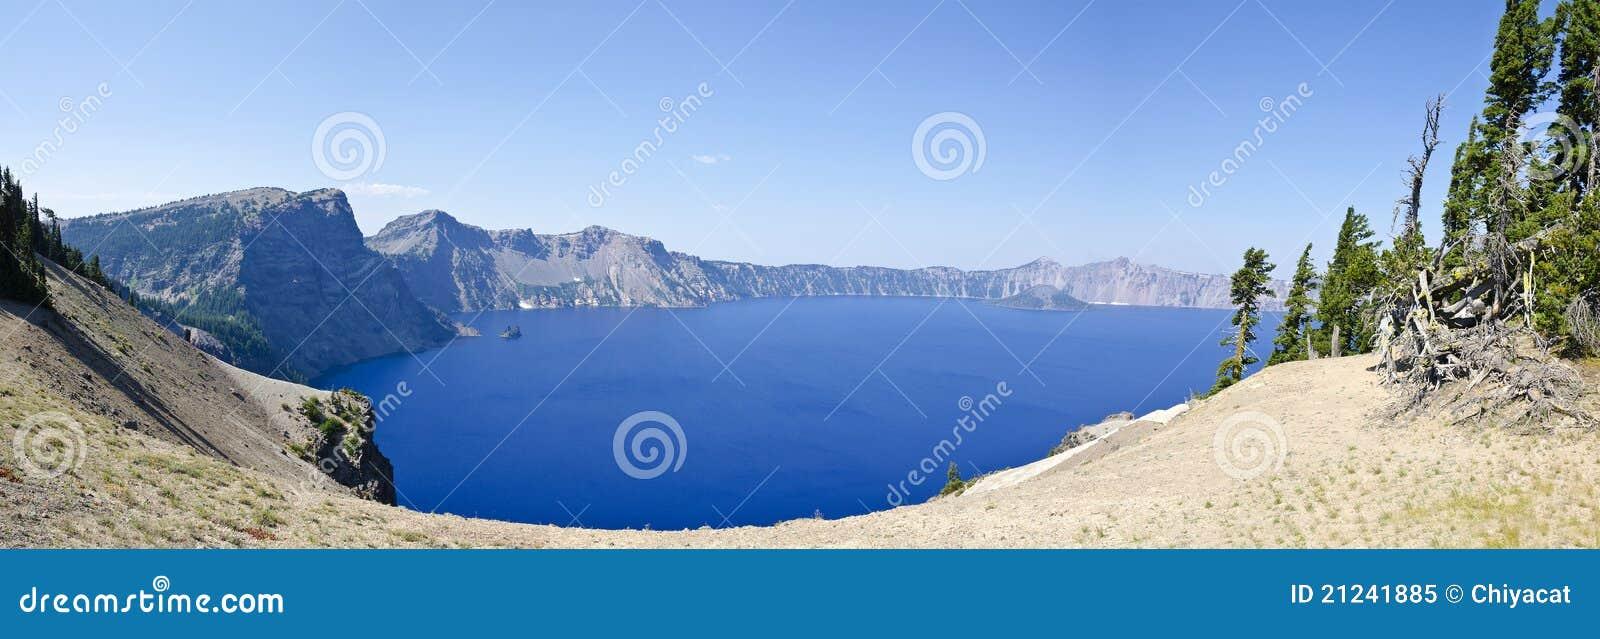 Stationnement national Etats-Unis de lac crater